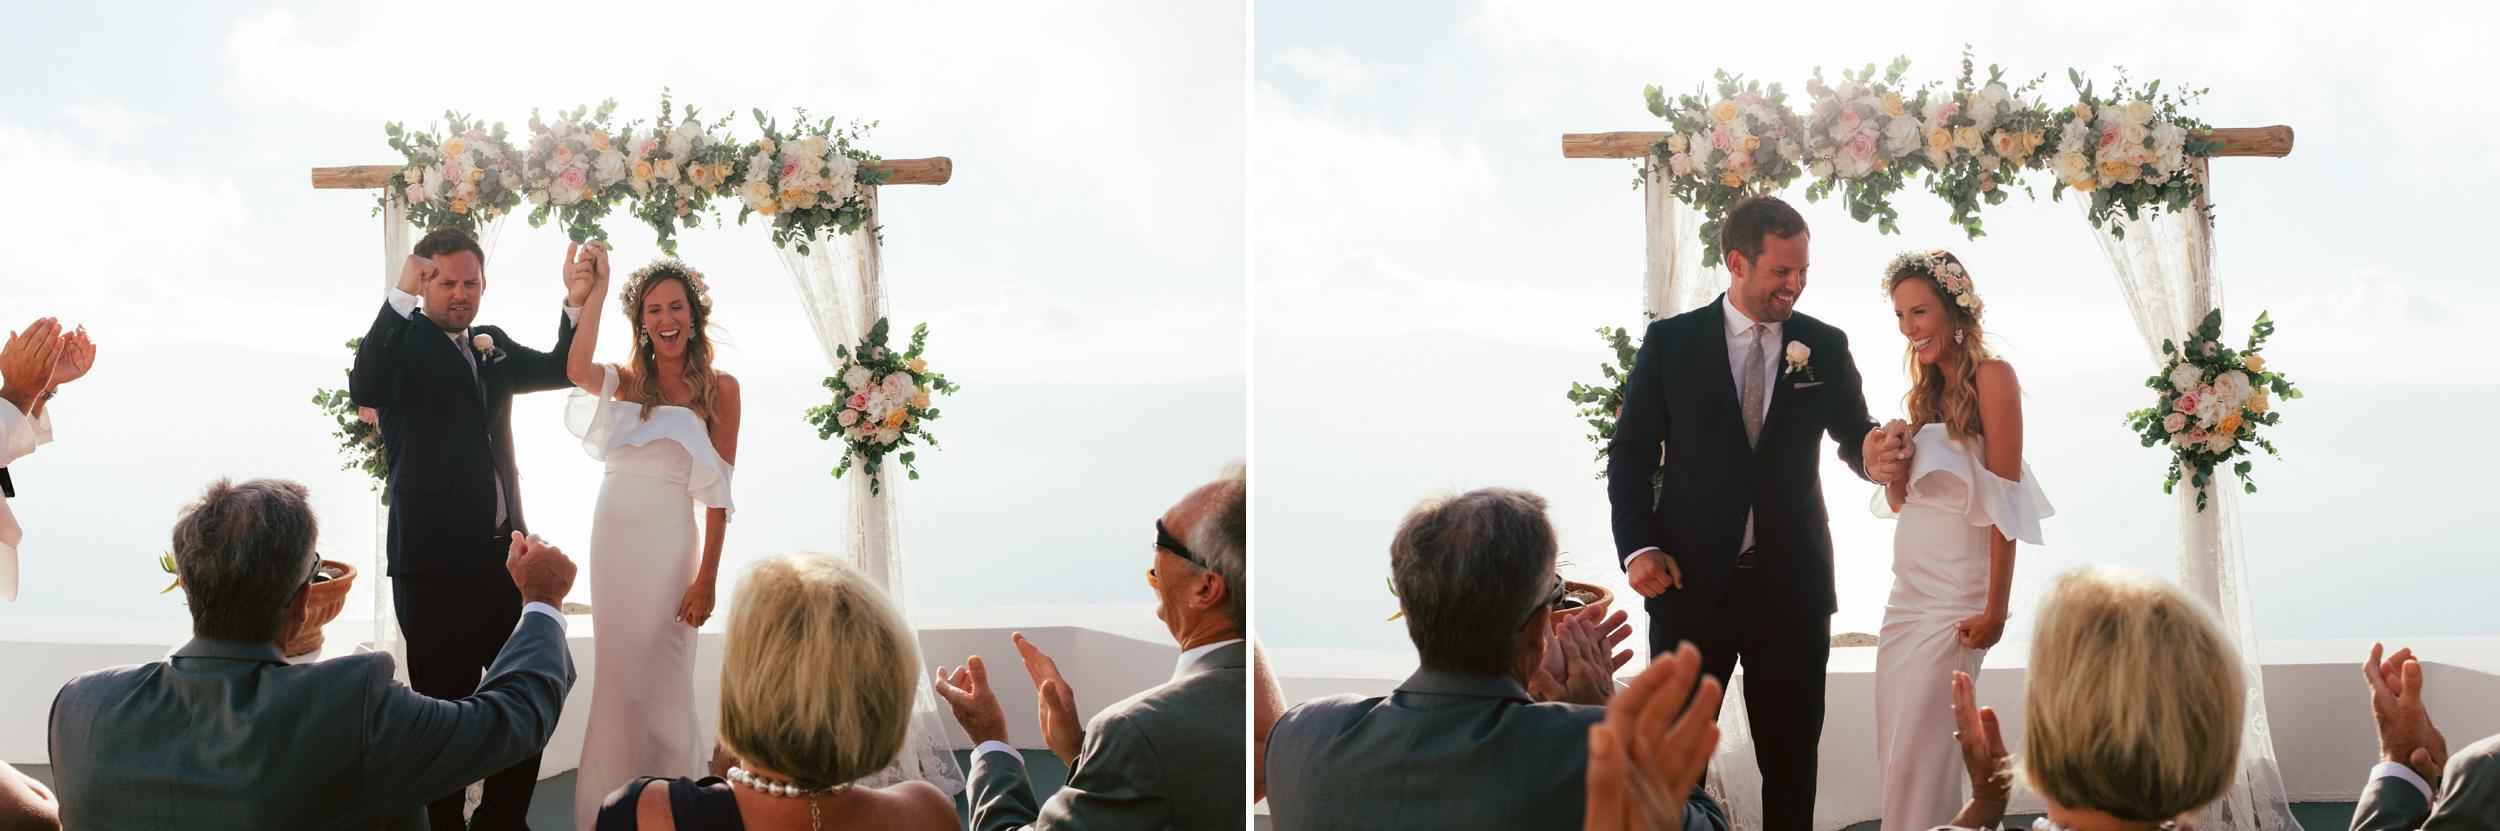 Santorini_Wedding_RemezzoVillas_053.jpg